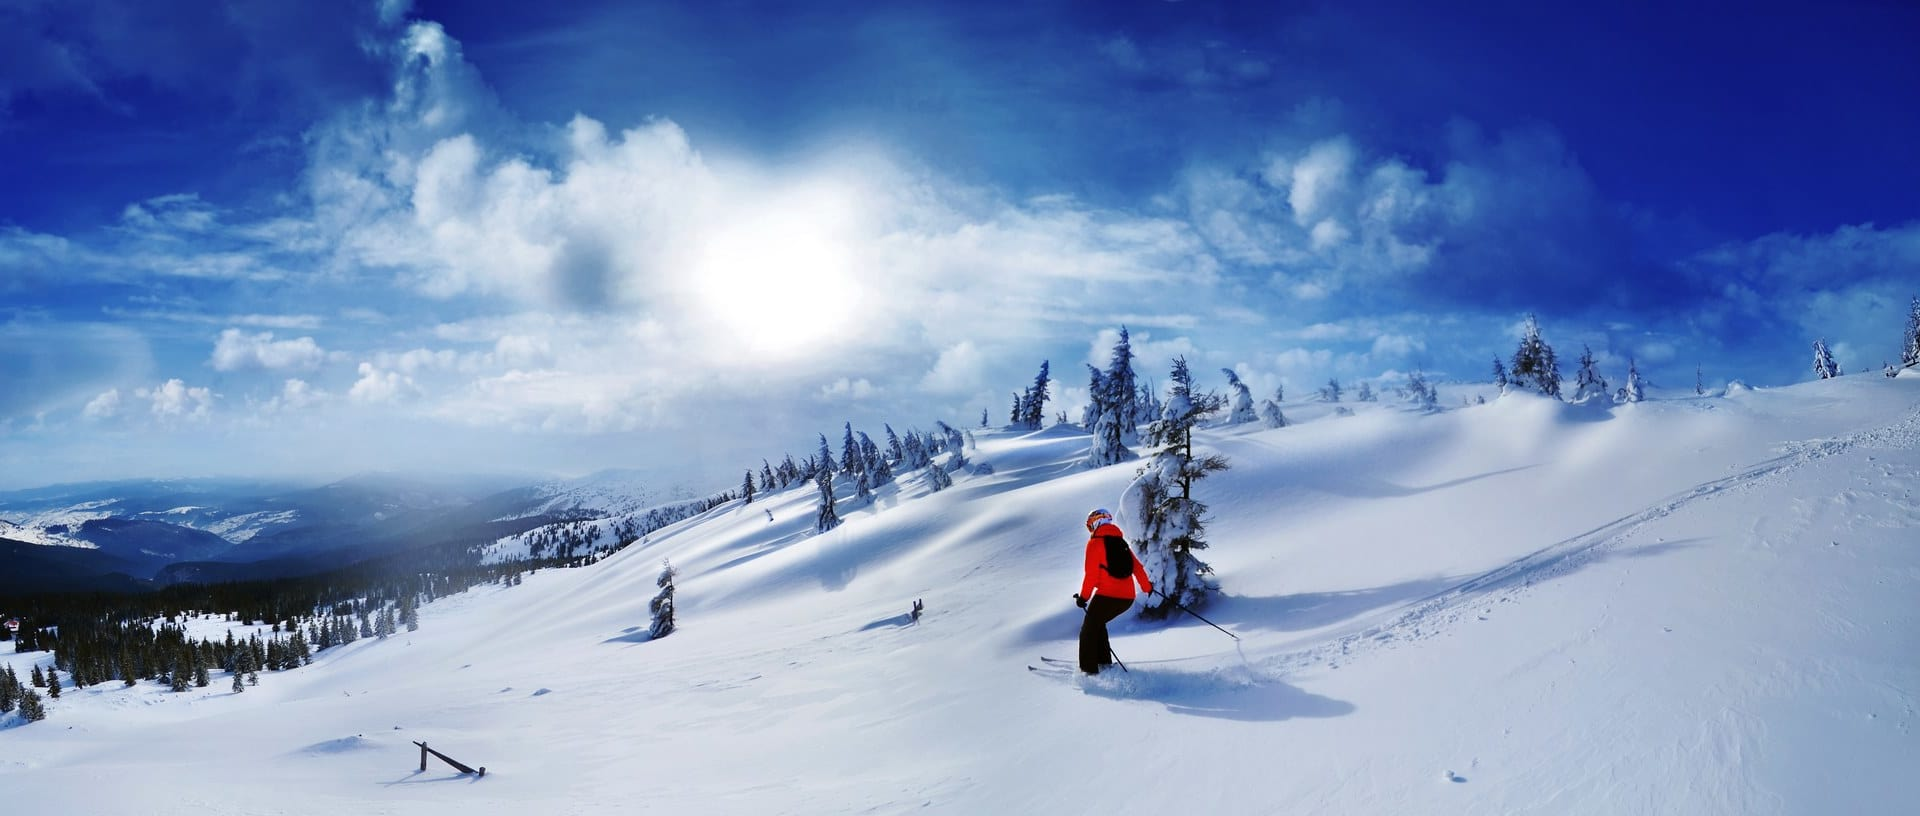 Erstatning etter skiulykke kan gi betydelige beløp. Hør med erfarne advokater hvordan du bør gå frem.